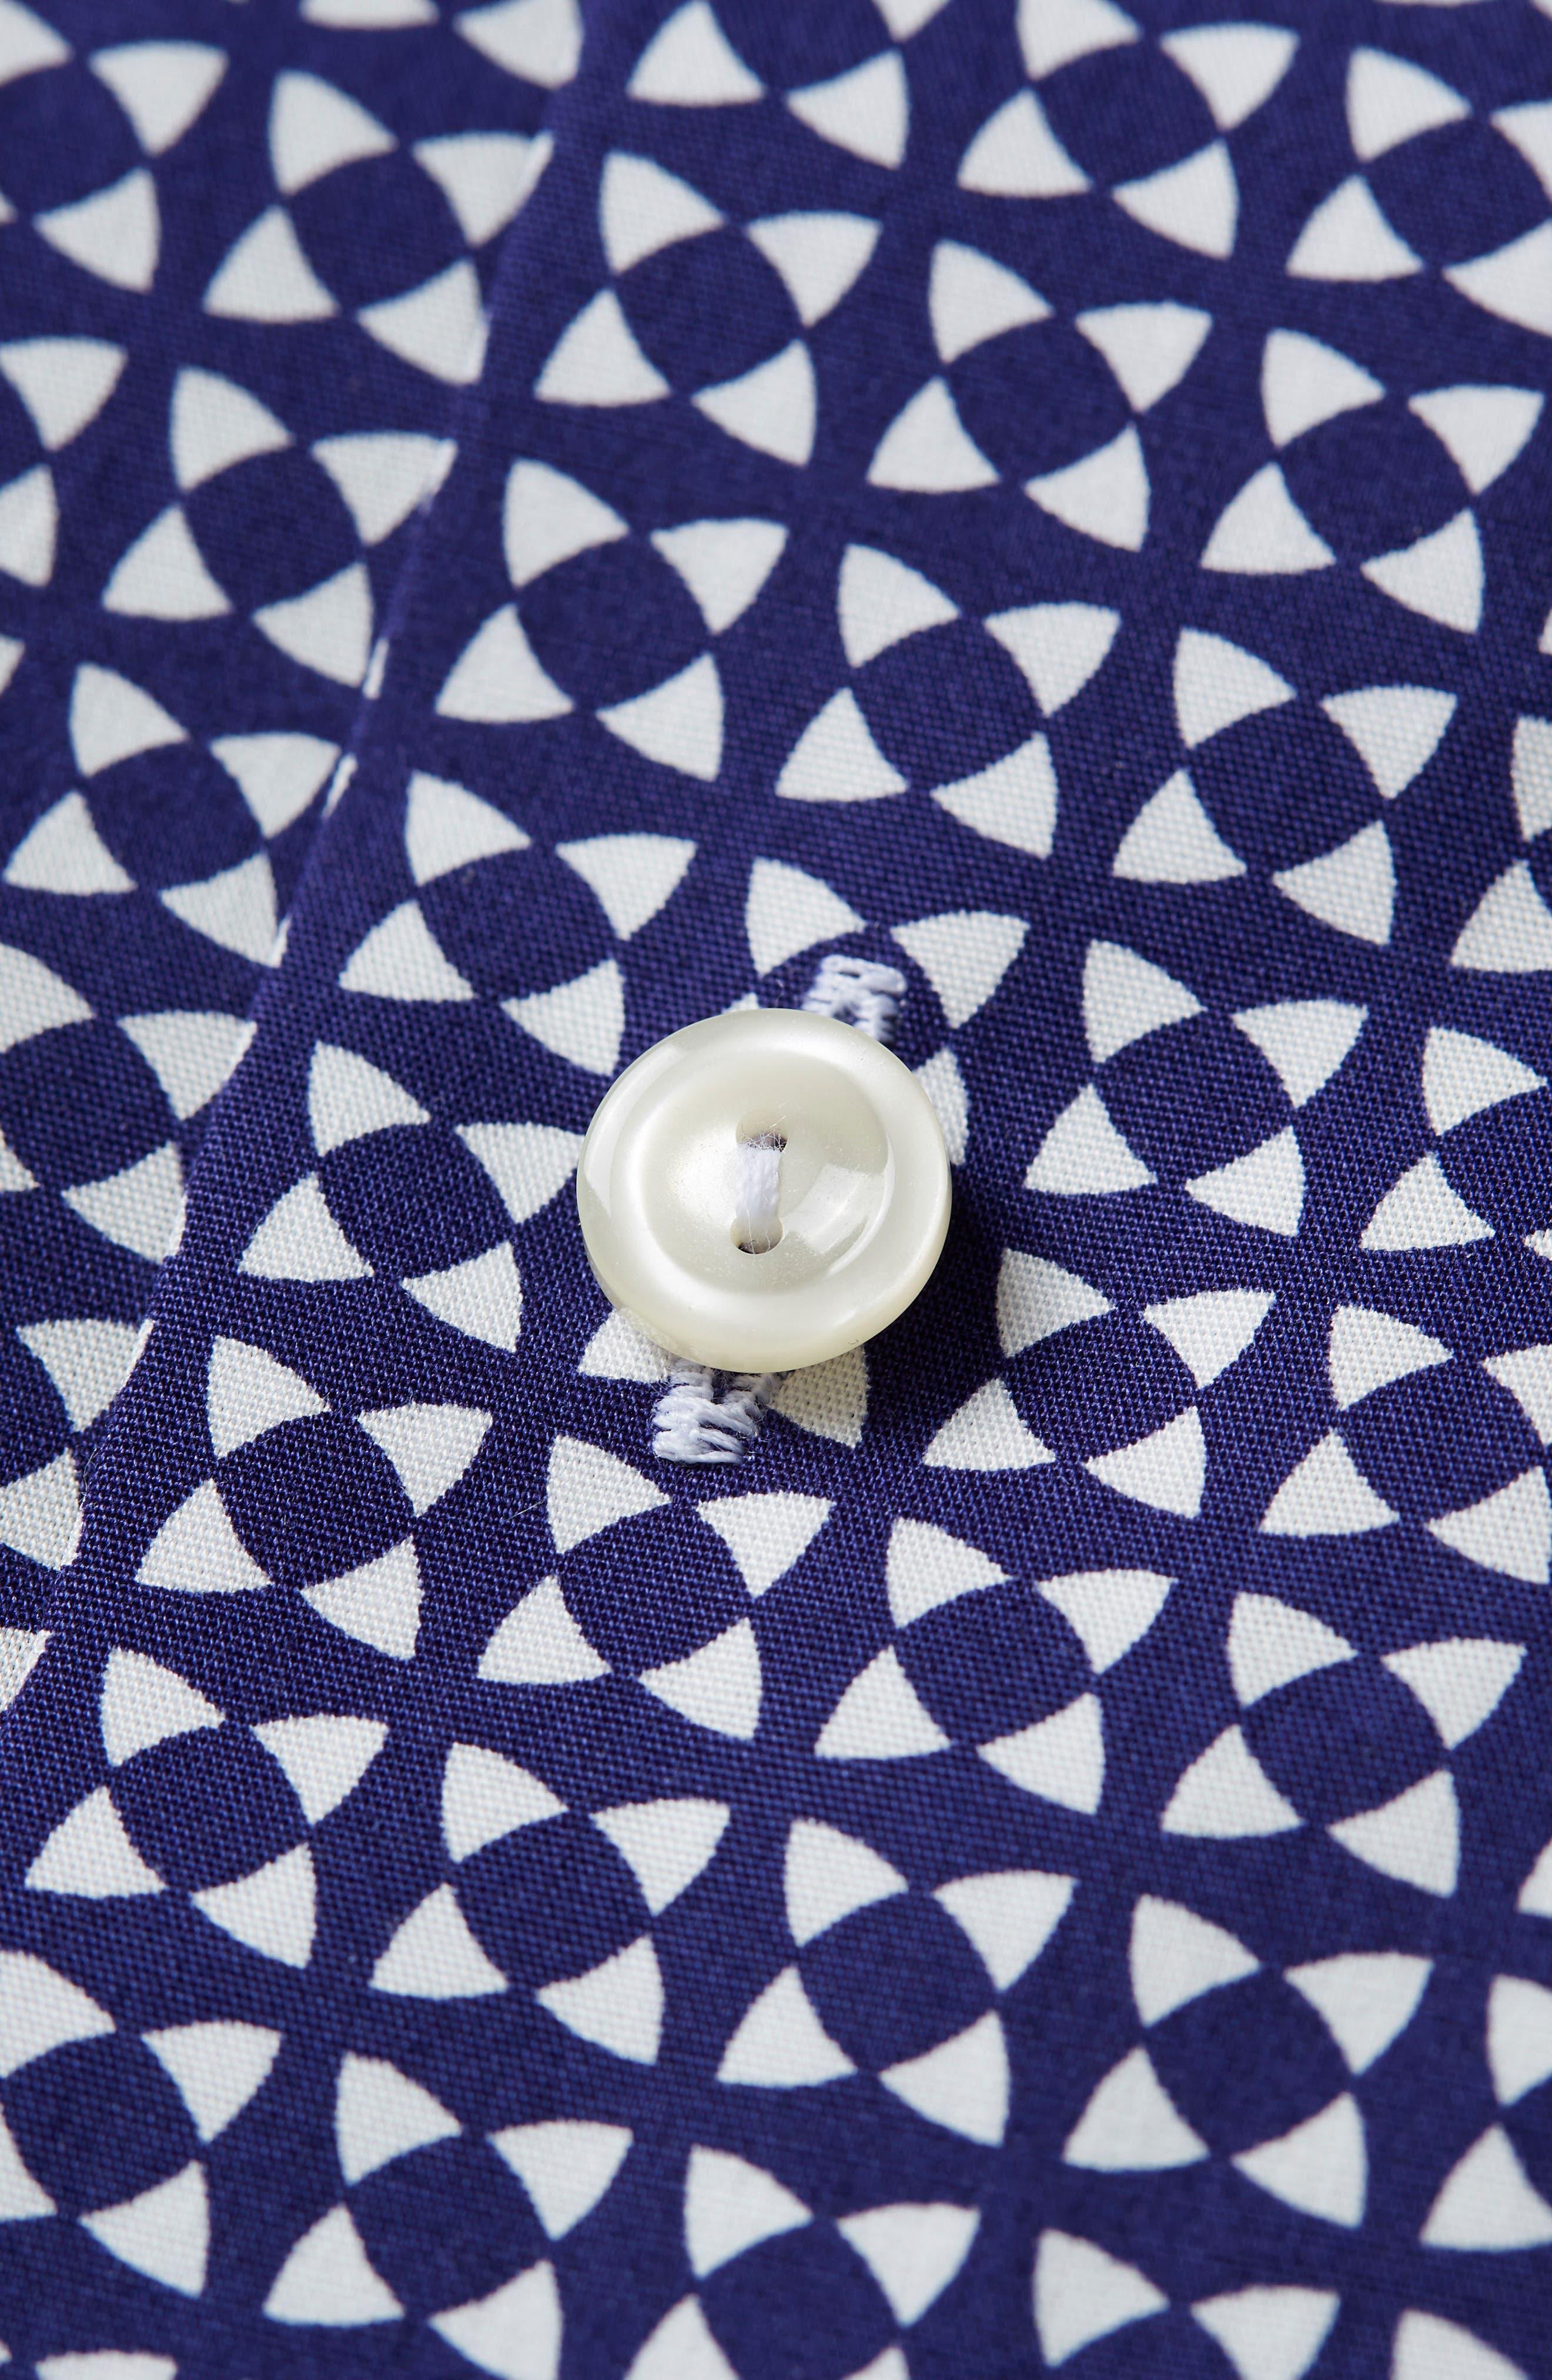 Slim Fit Geometric Dress Shirt,                             Alternate thumbnail 2, color,                             BLUE